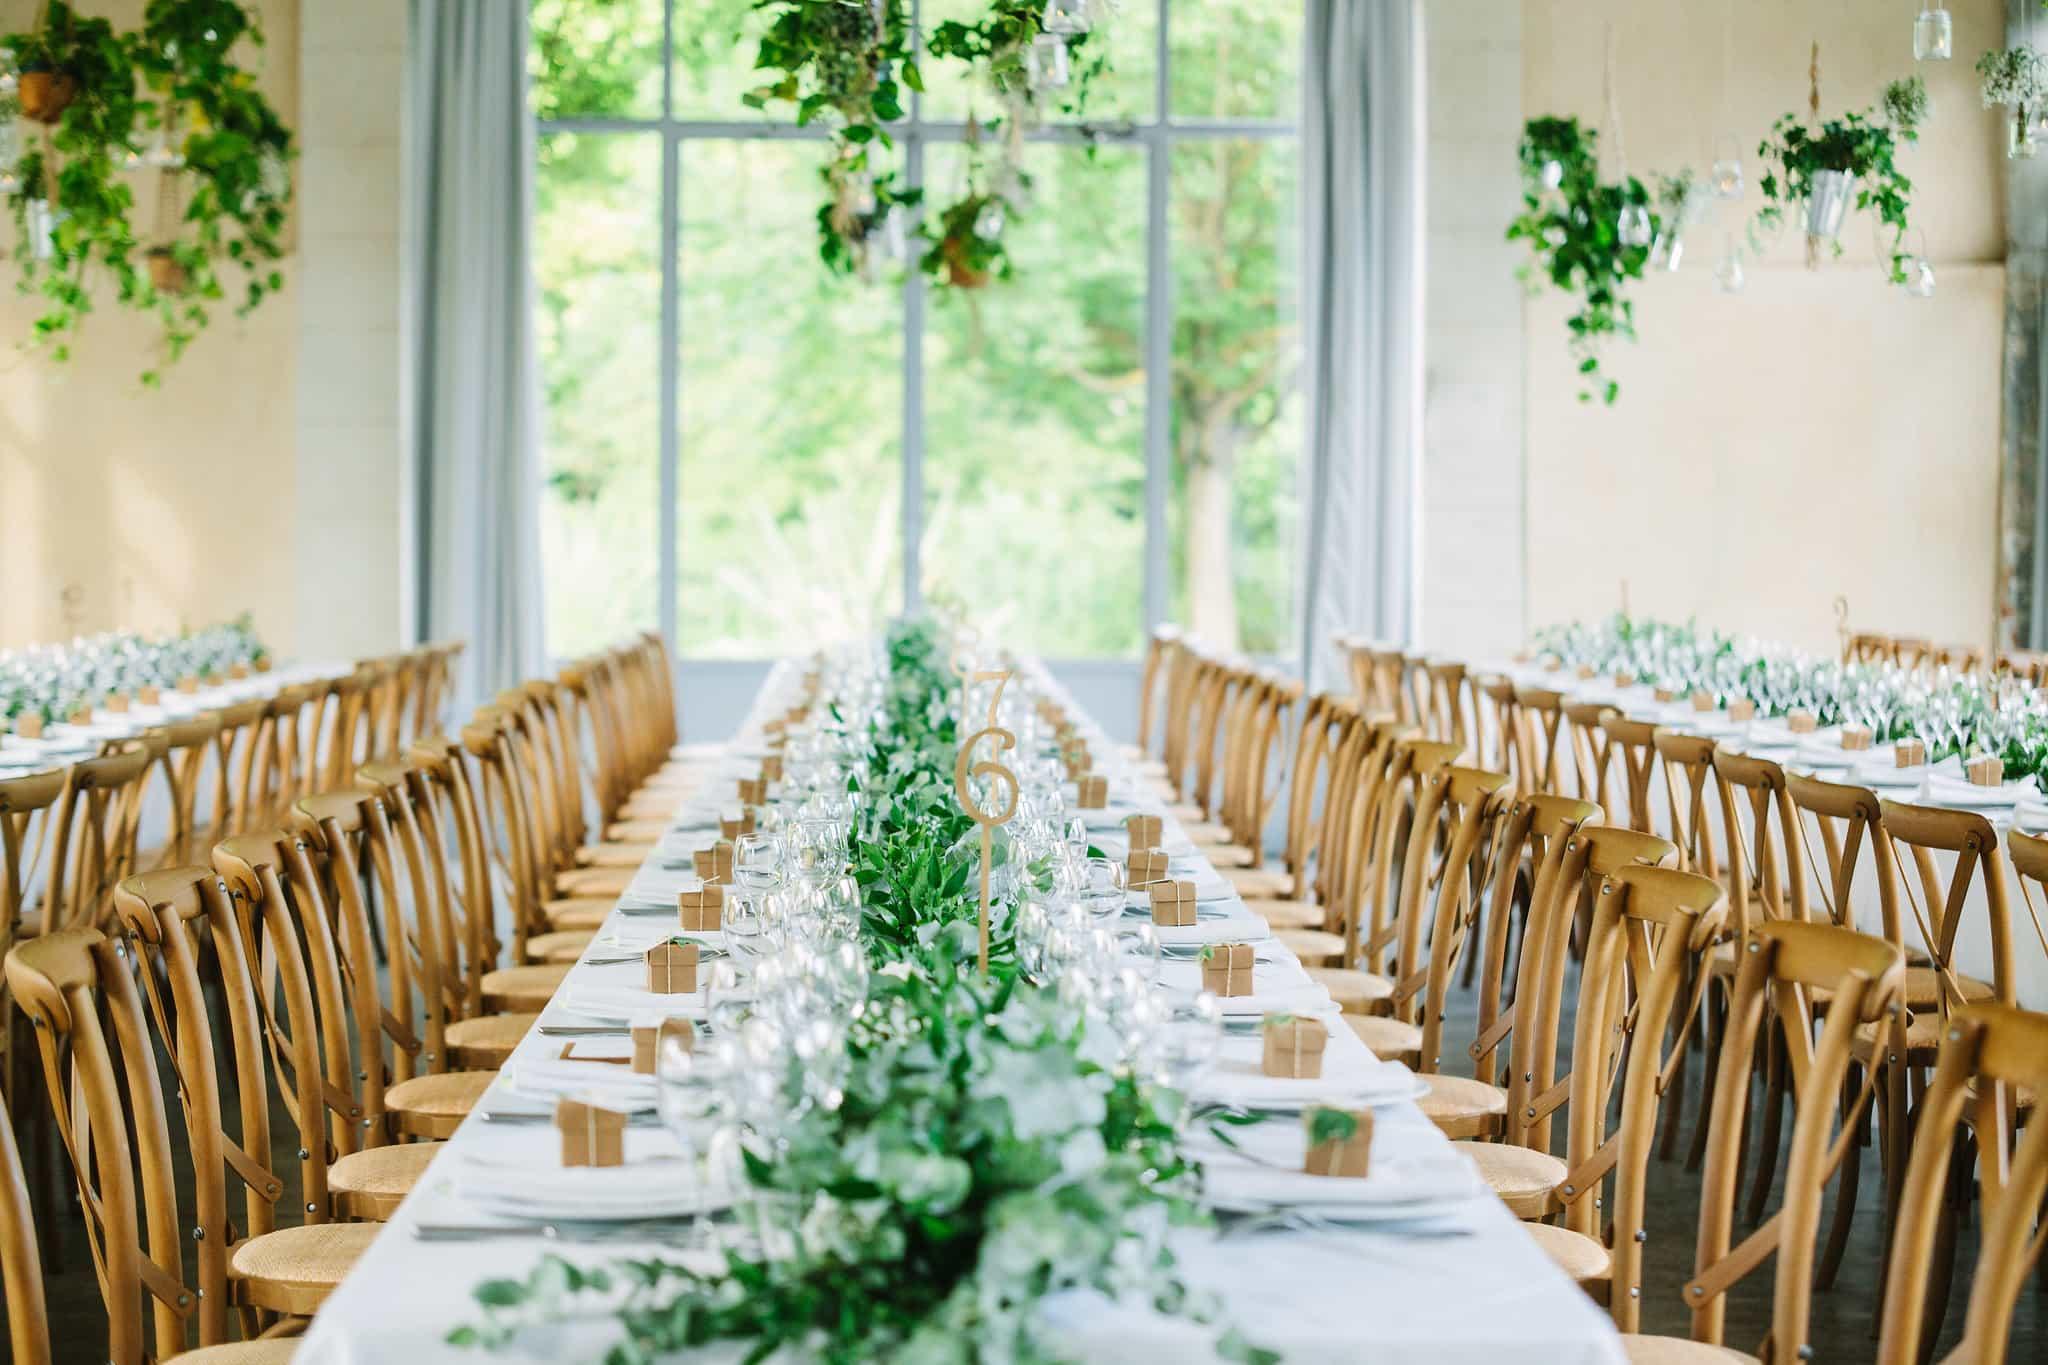 Décoration de mariage : idées et astuces pour une simple et jolie décoration